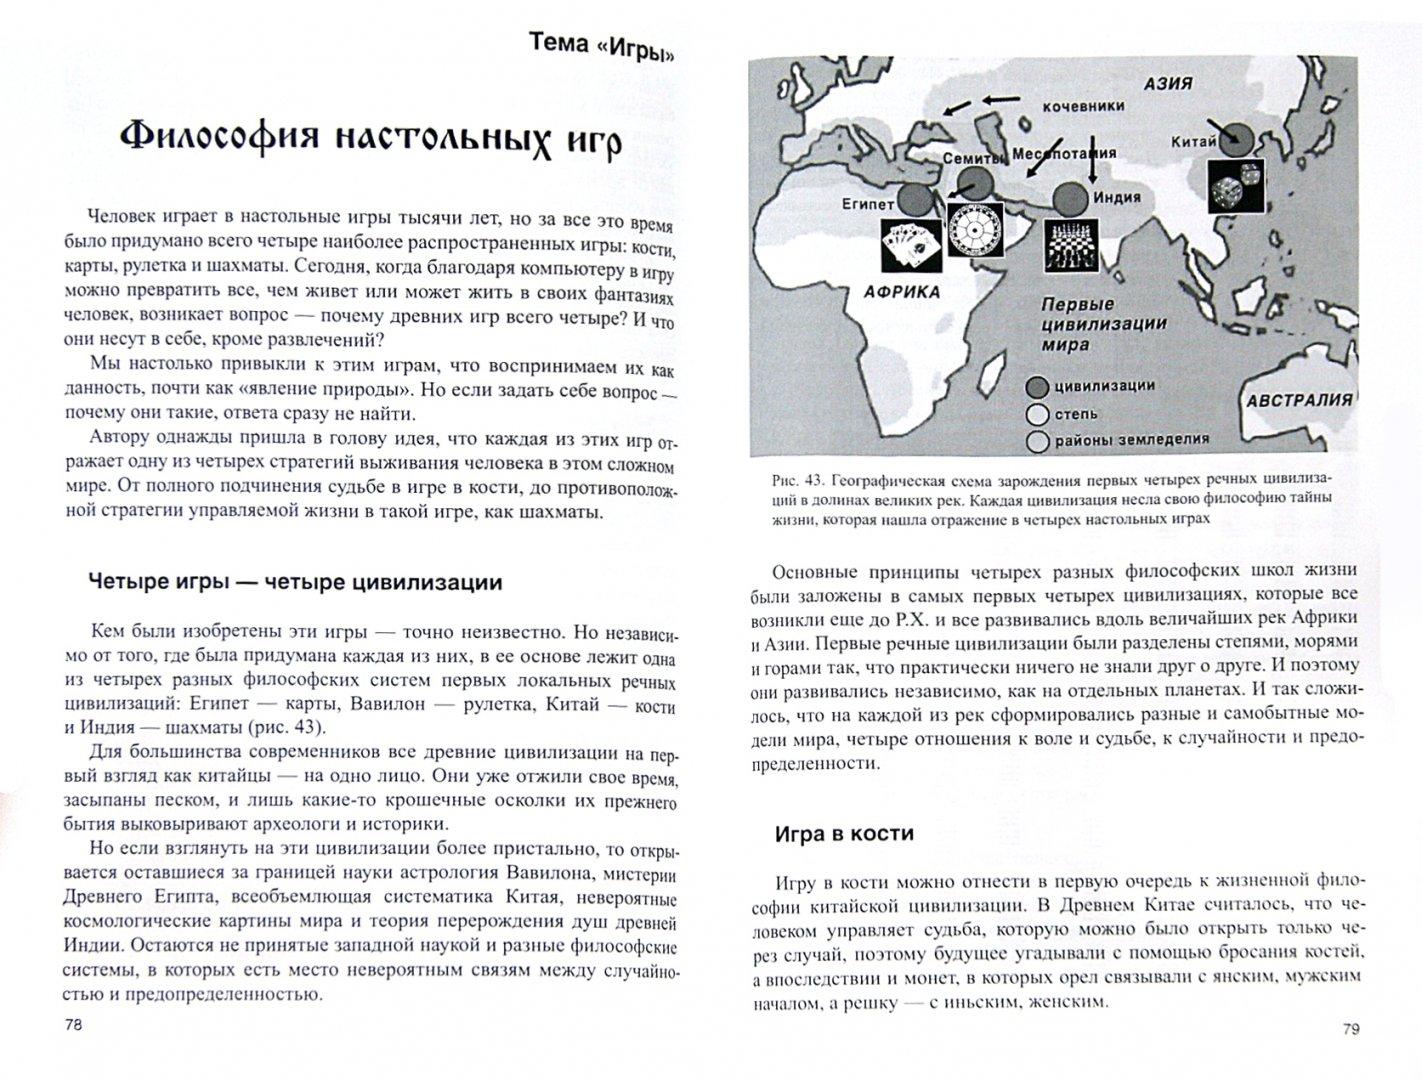 Иллюстрация 1 из 8 для Скрытые смыслы культуры - Сергей Сухонос   Лабиринт - книги. Источник: Лабиринт